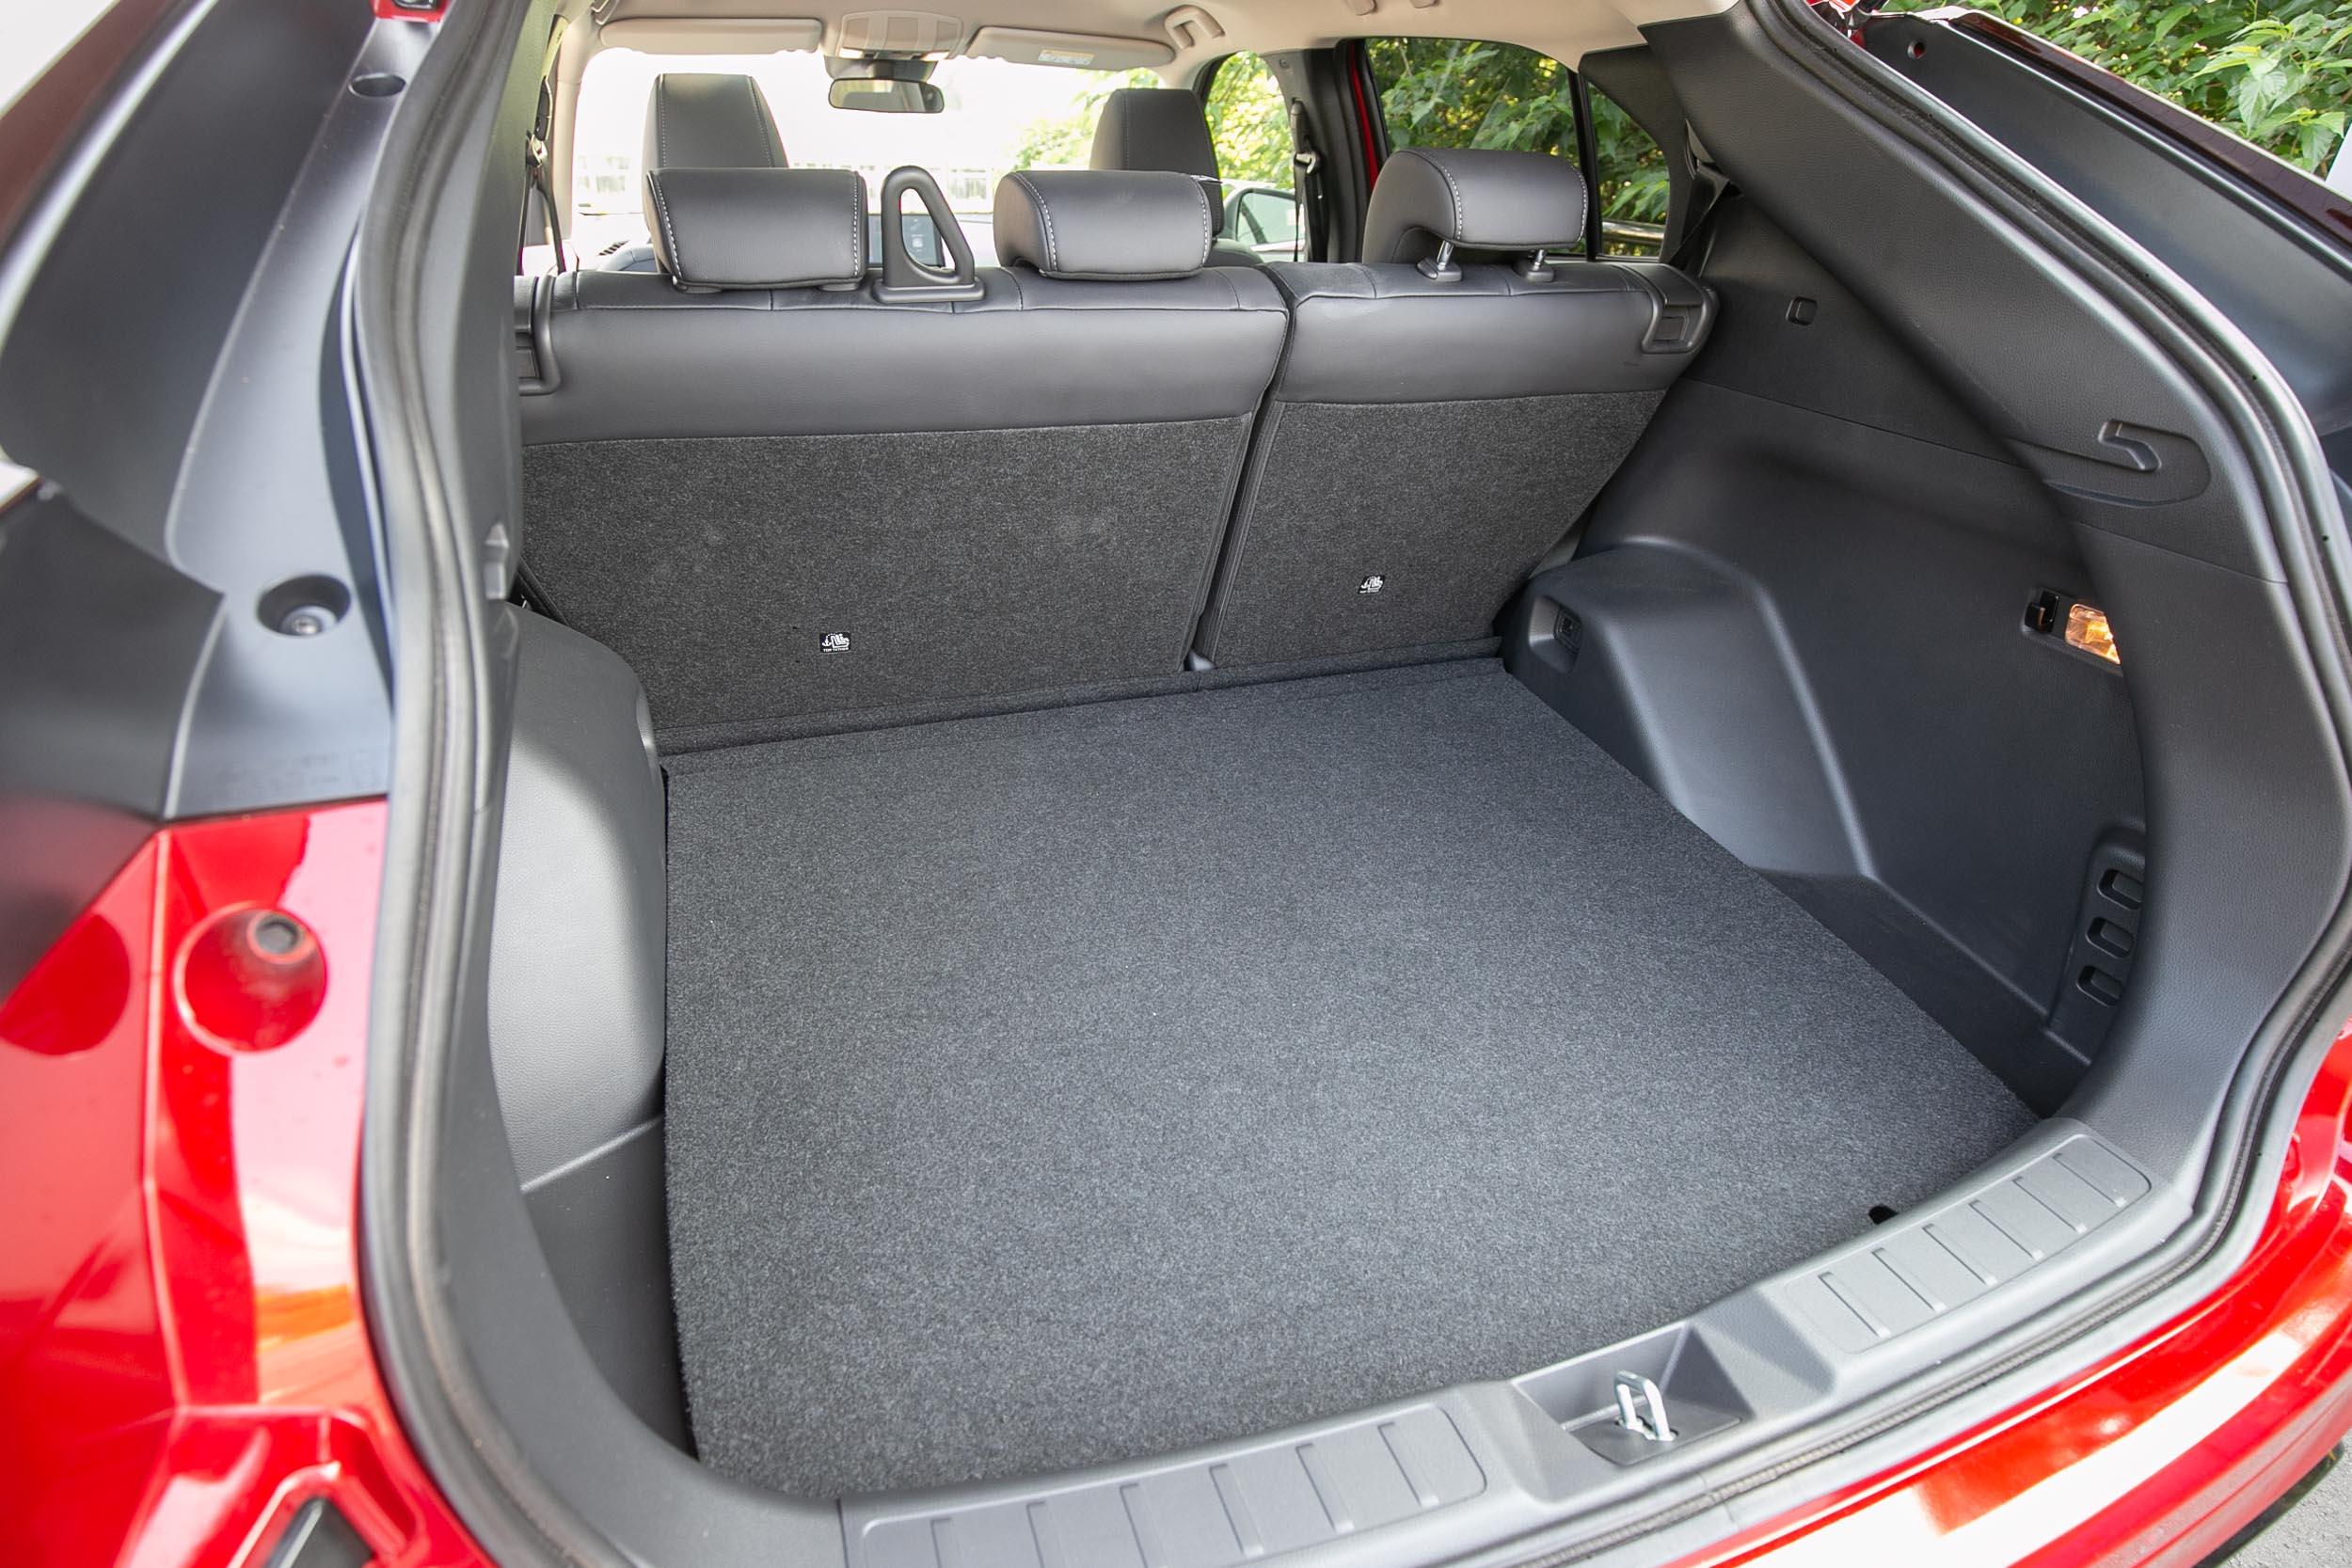 過去最大448公升的後廂置物容積,小改款後擴增至512公升。